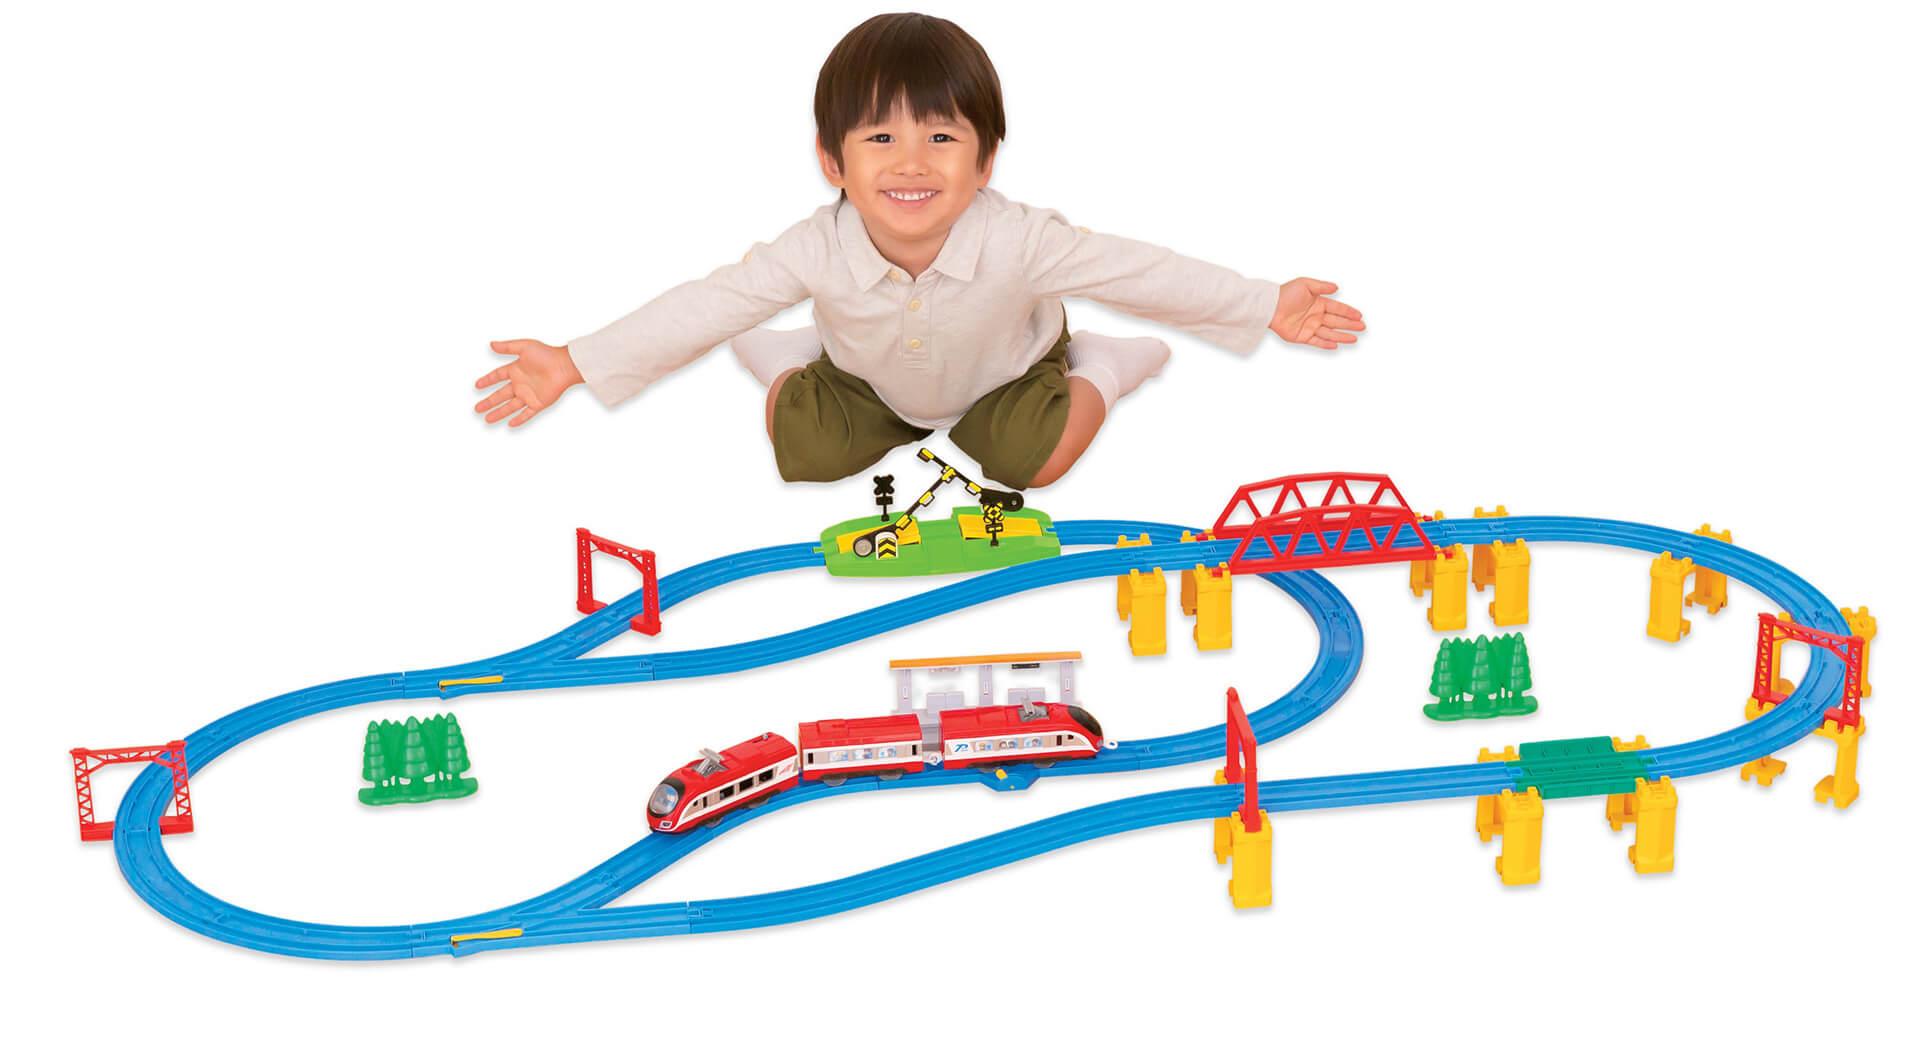 この写真は西武ちちプラレール駅のラリー達成の抽選でもらえるプラレールセット